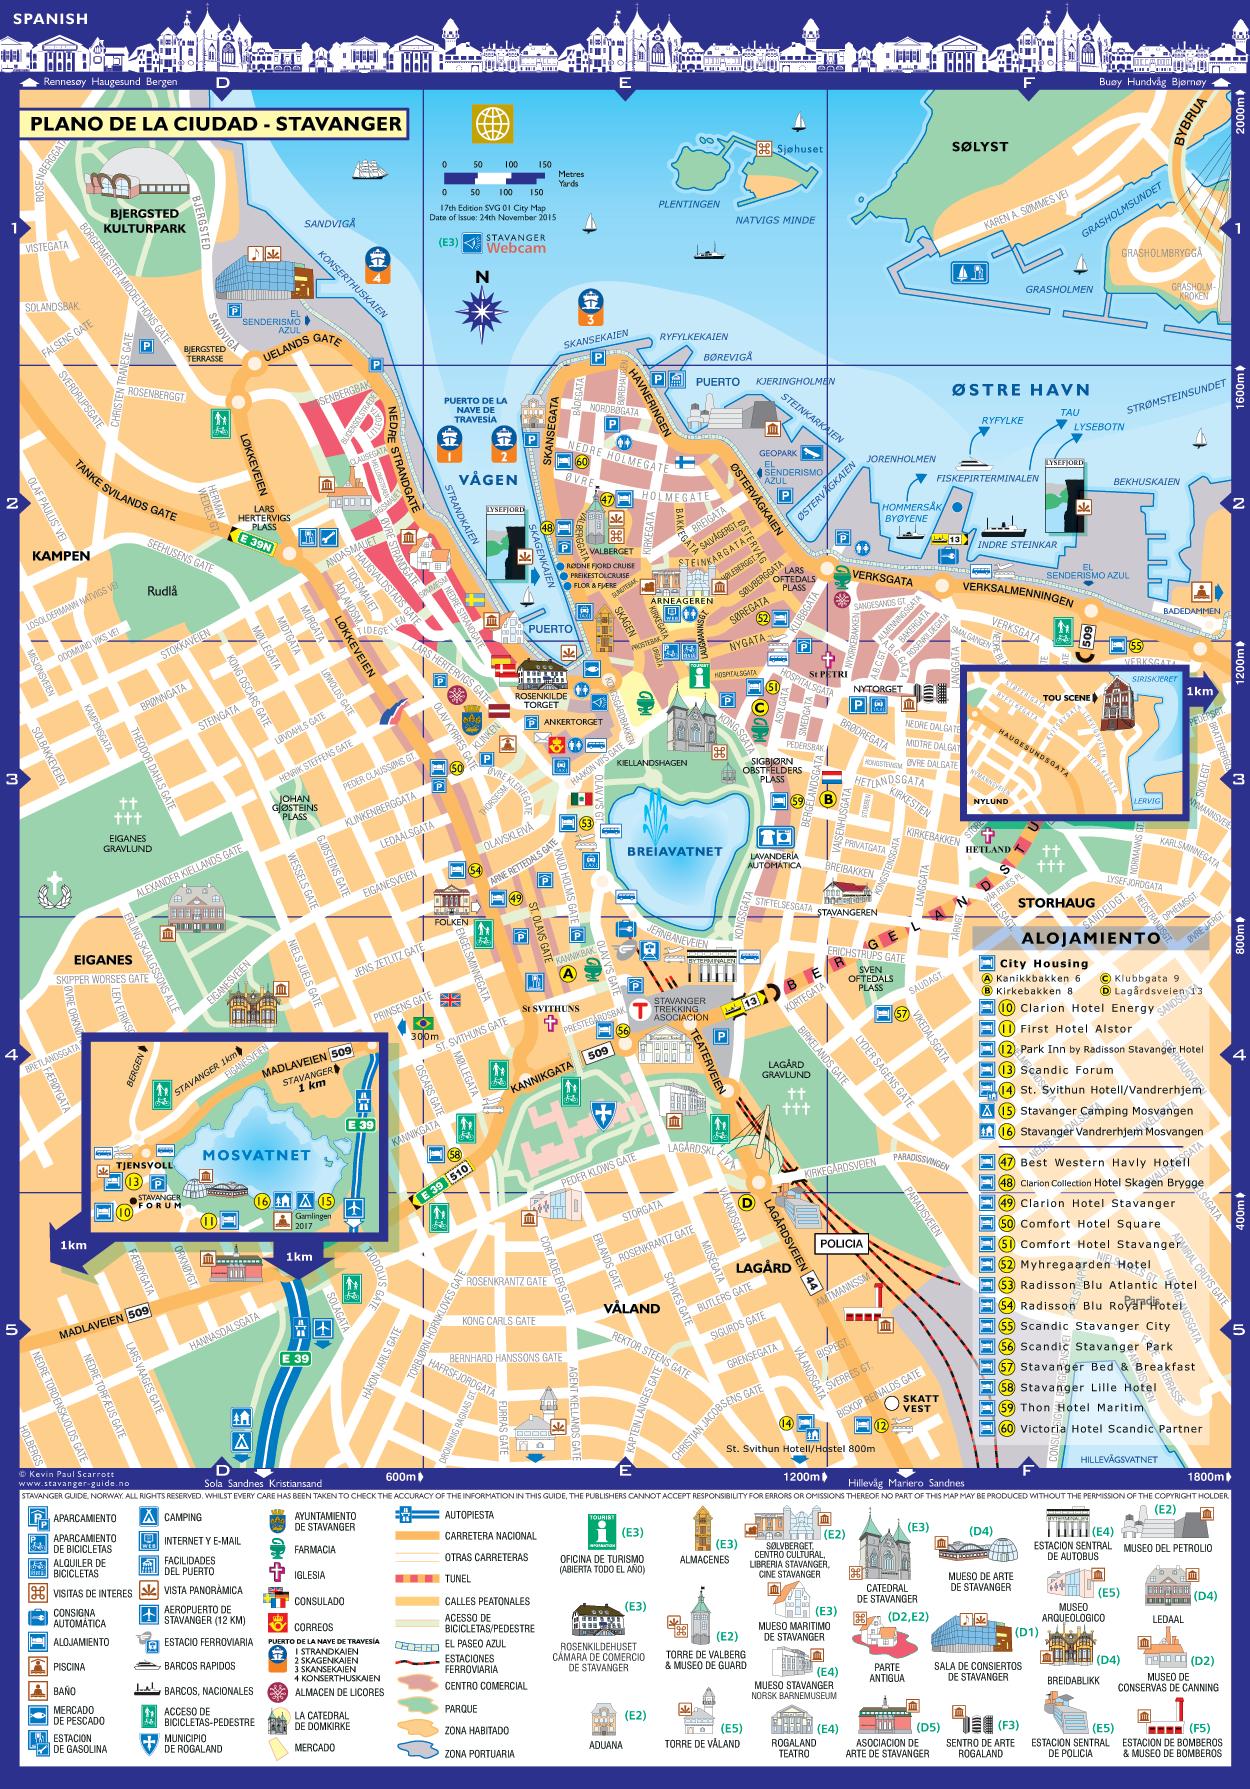 Stavanger Plano de la Ciudad